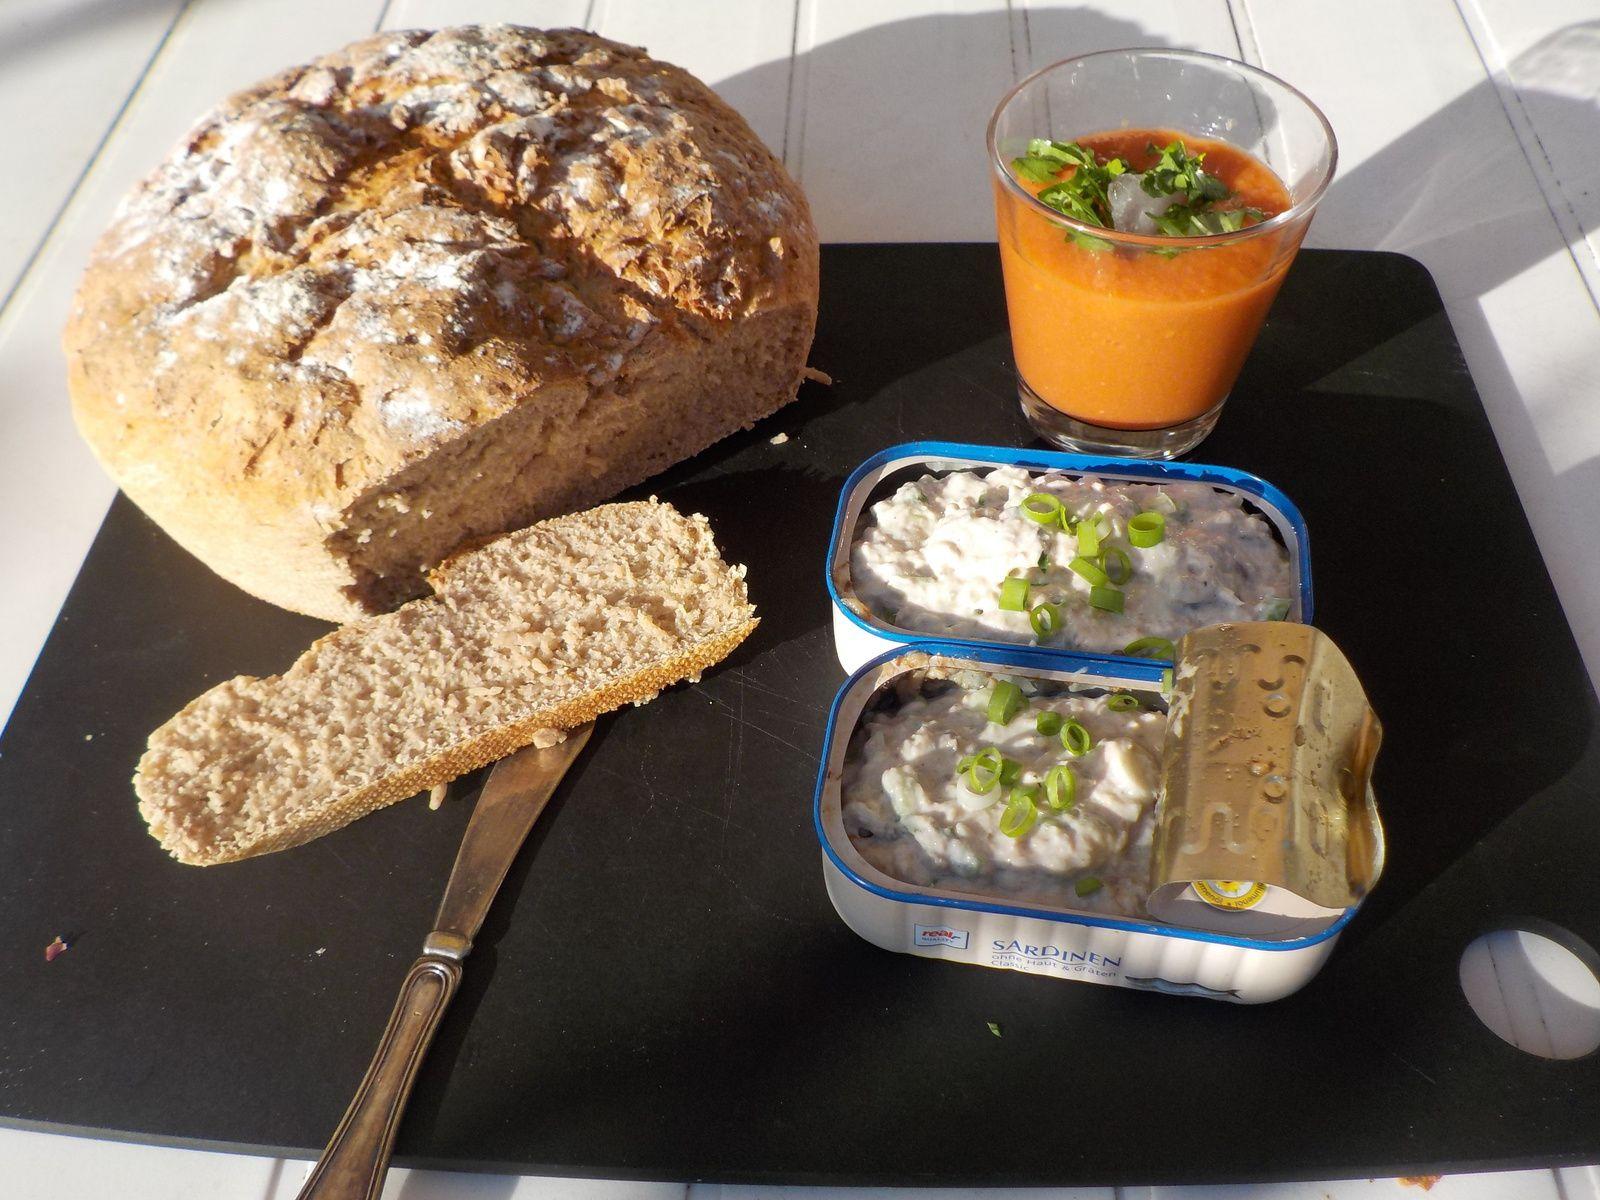 Rillettes servies dans les boites des sardines. Un petit verre de gaspacho permet de manger des légumes et  le pain apporte les féculents.